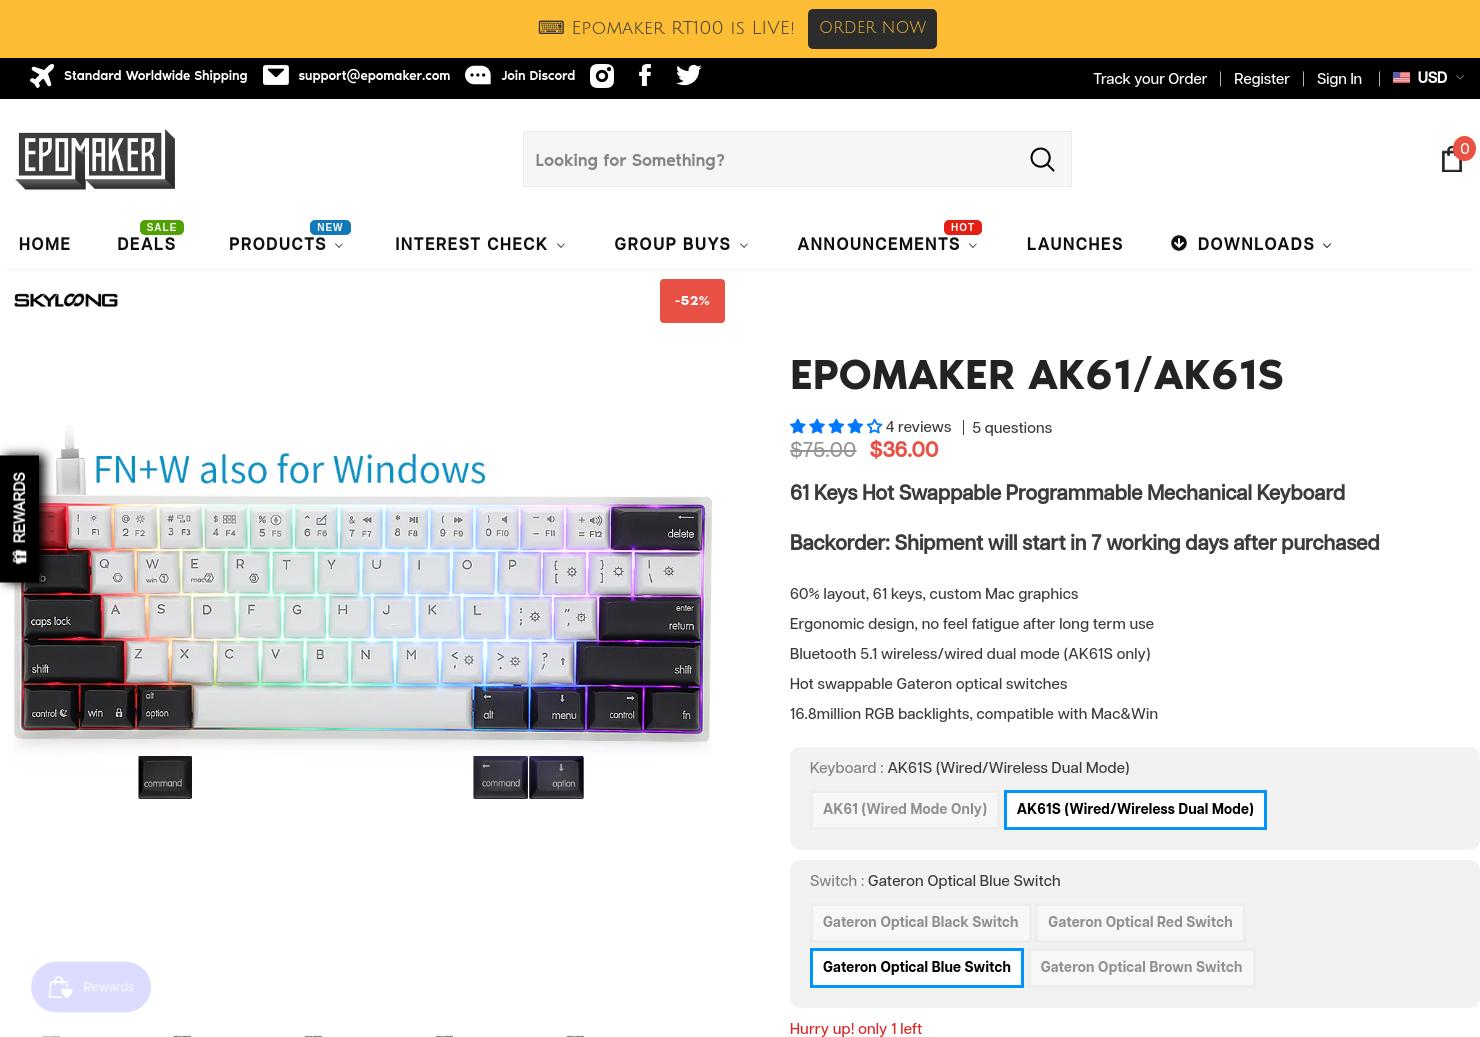 Epomaker AK61